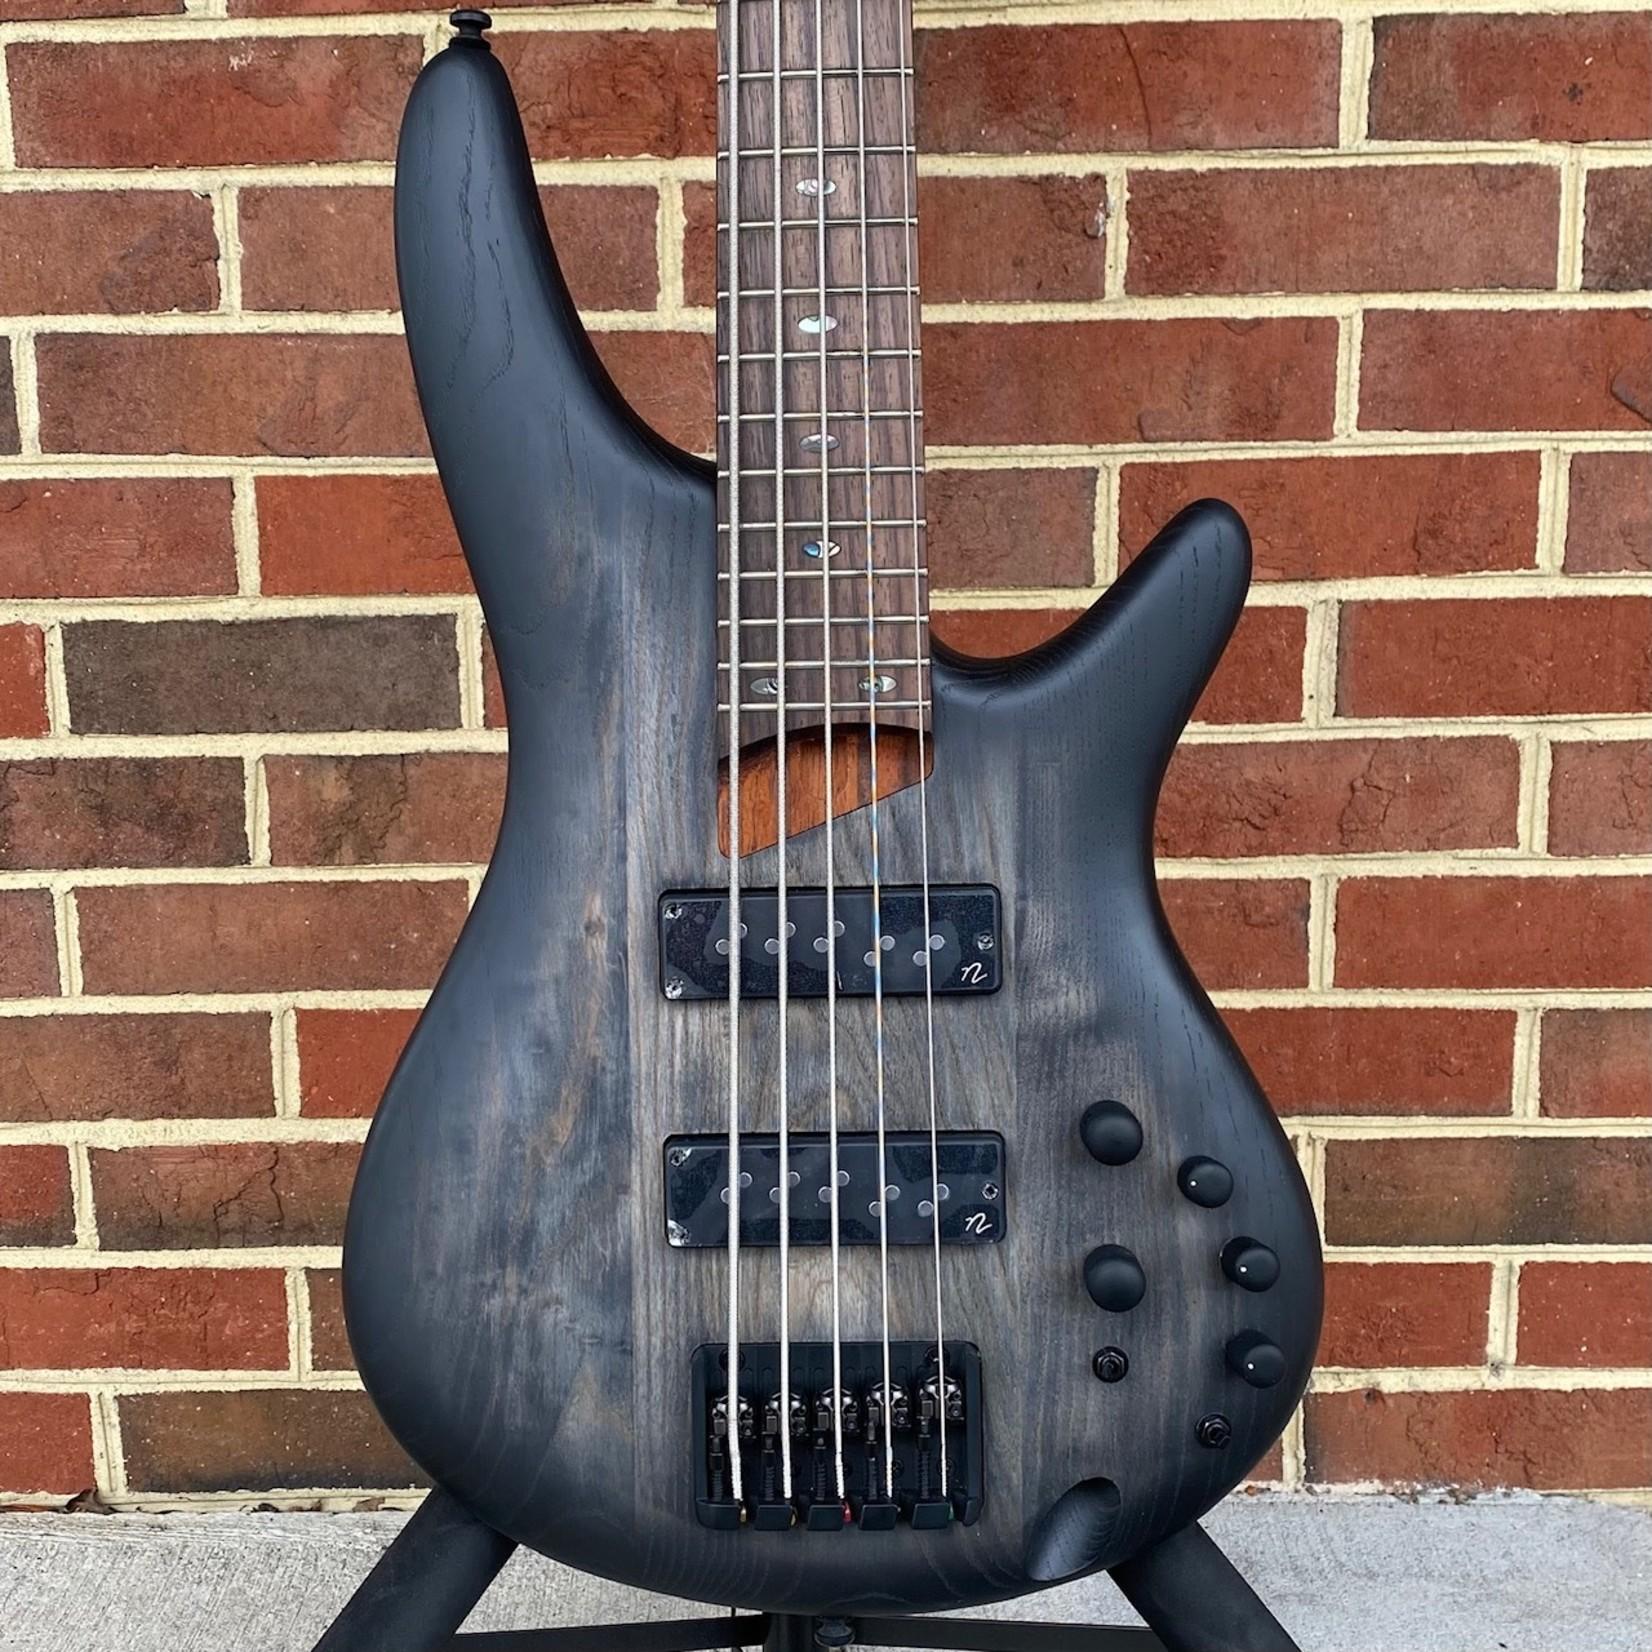 Ibanez Ibanez SR605EBKT, 5-String Bass, Black Stained Burst, Nordstrand Pickups, Ash Body